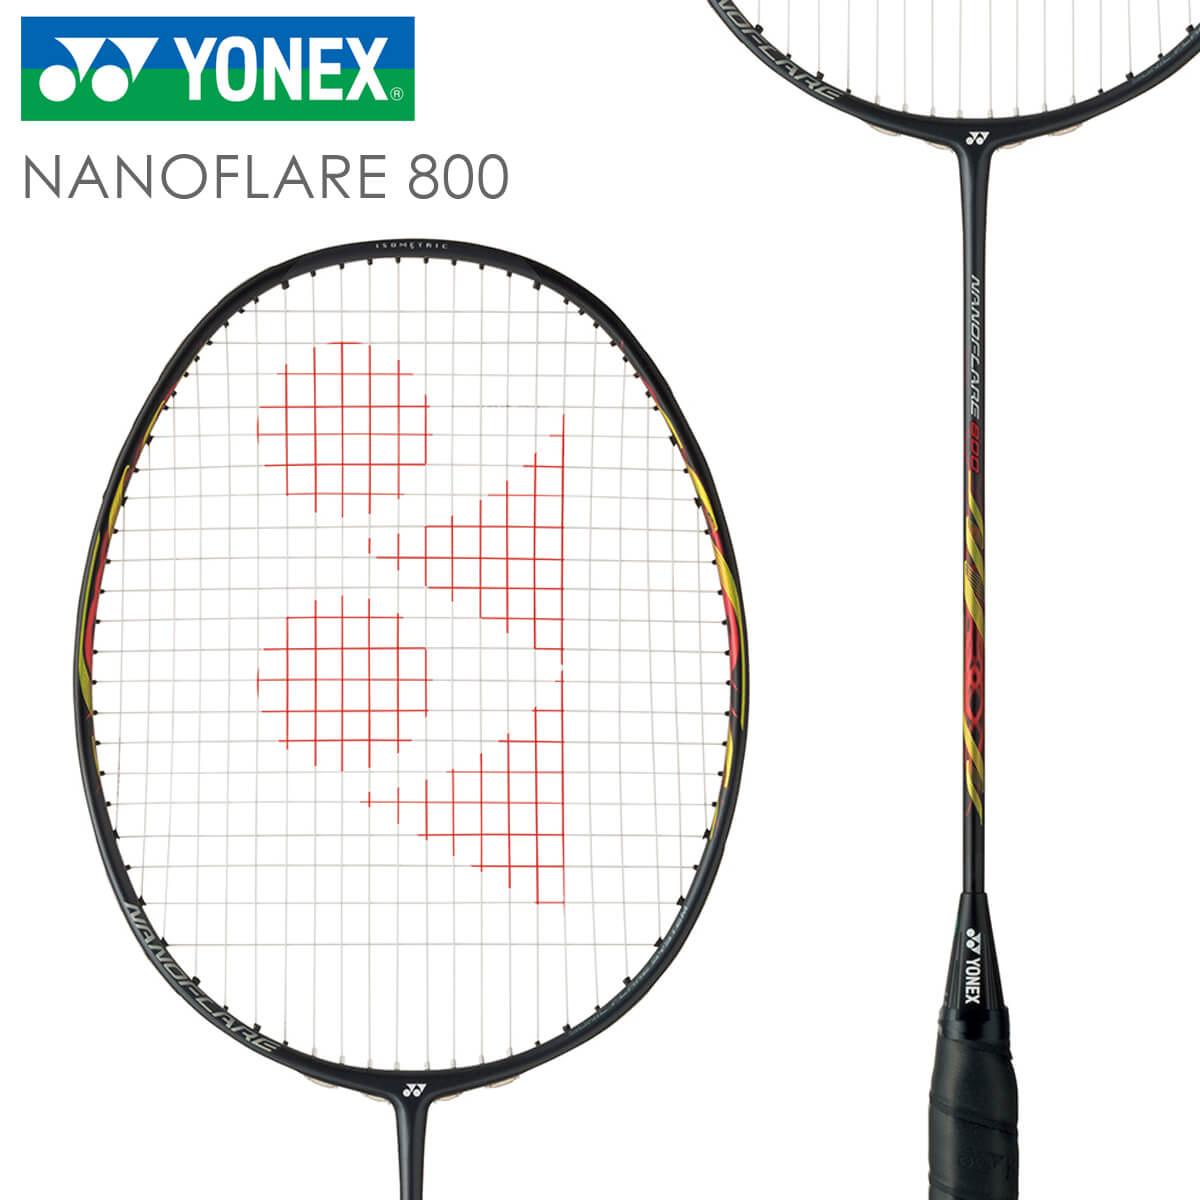 【予約販売】YONEX NF-800 ナノフレア800 NANOFLARE 800 バドミントンラケット ヨネックス【日本バドミントン協会審査合格品/オススメガット&ガット張り工賃無料/取り寄せ】